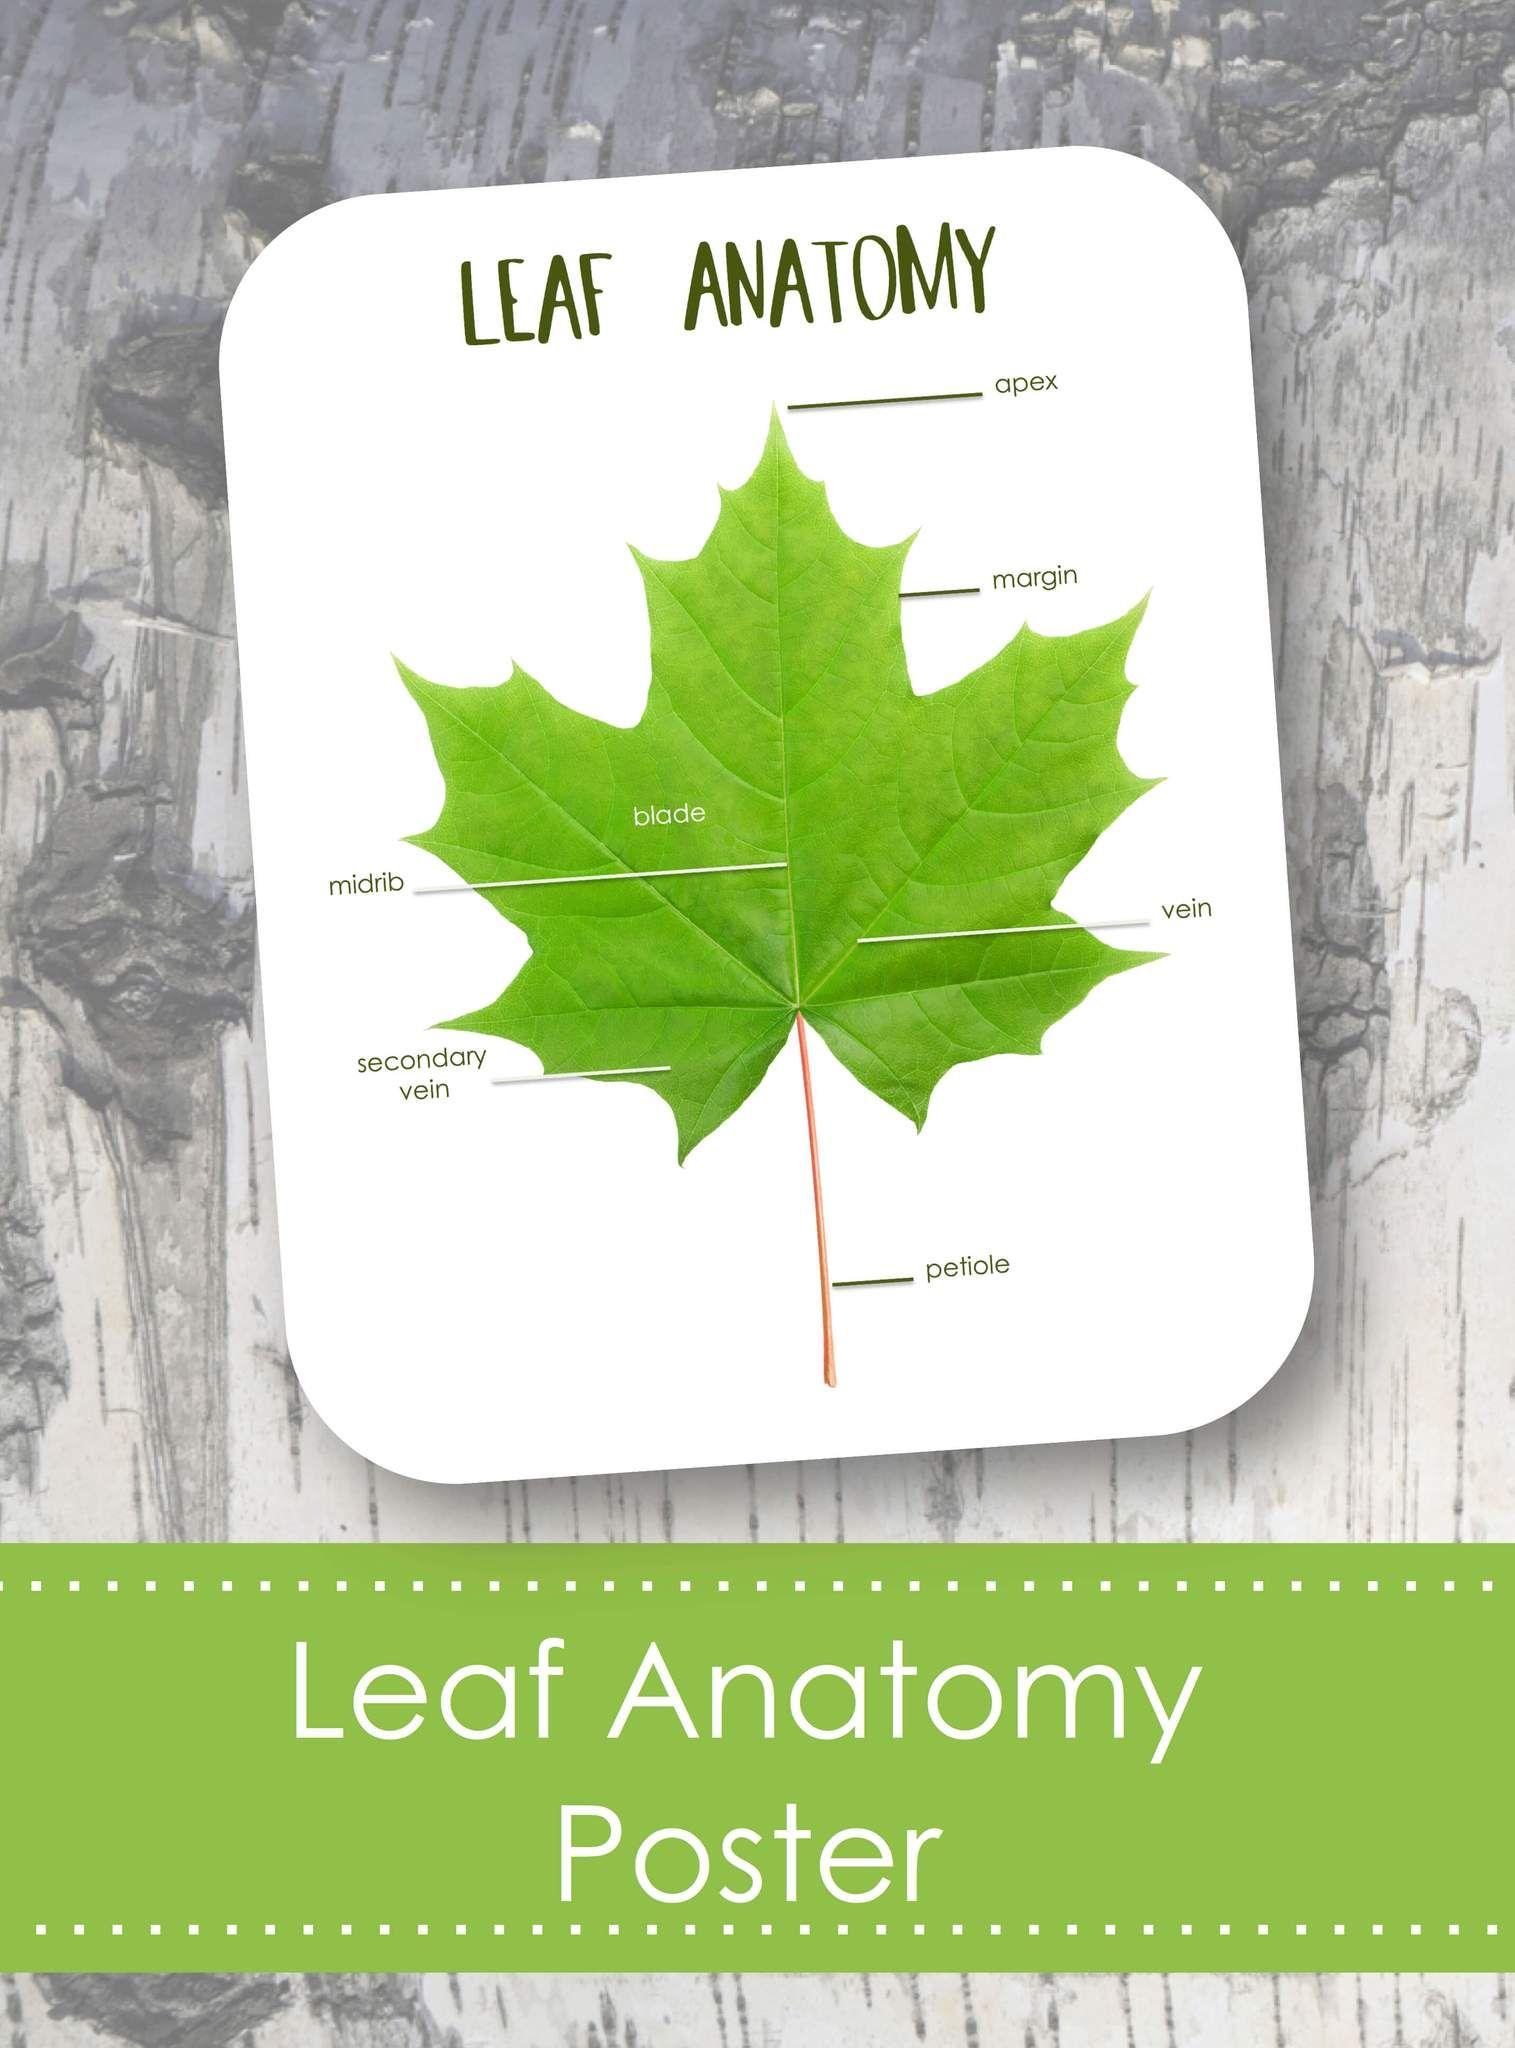 Leaf Anatomy Poster